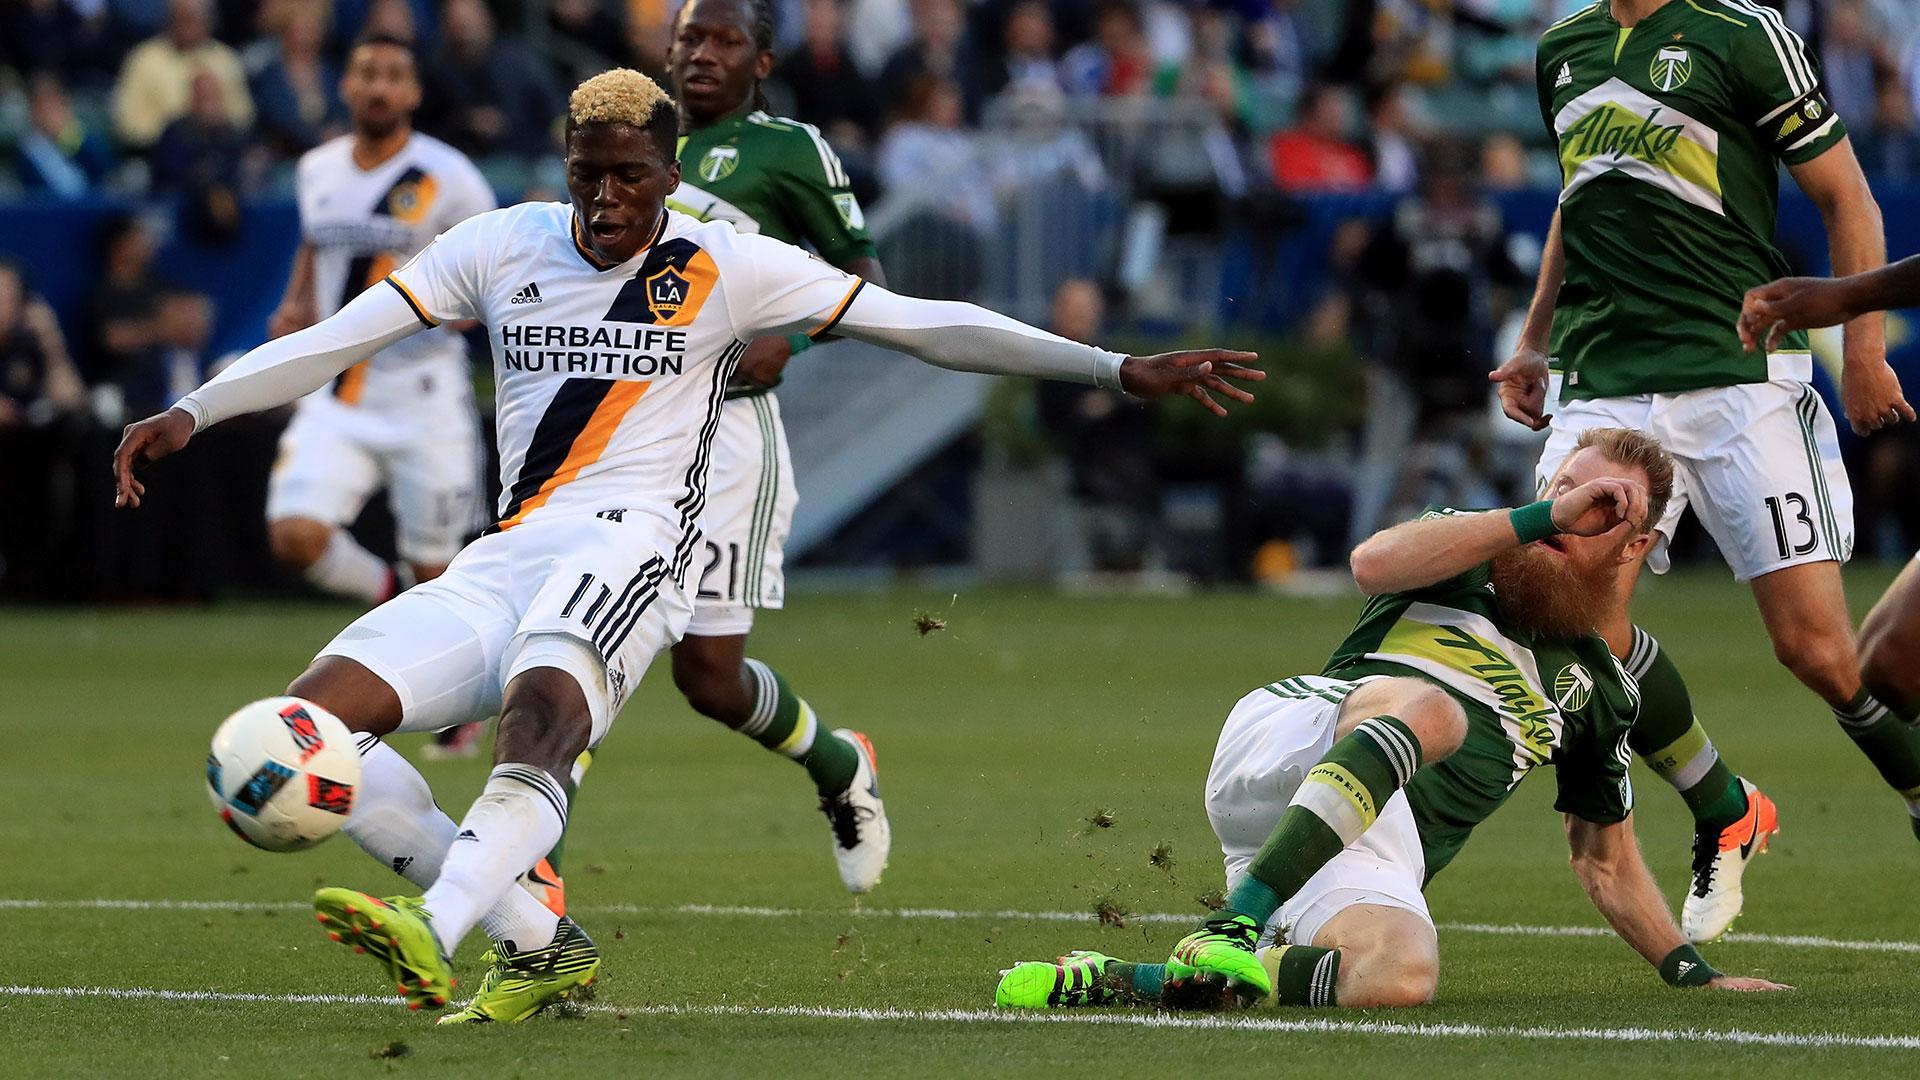 La MLS se nutre de estrellas que están cerca de su retiro y de futbolistas latinos (Getty Images)